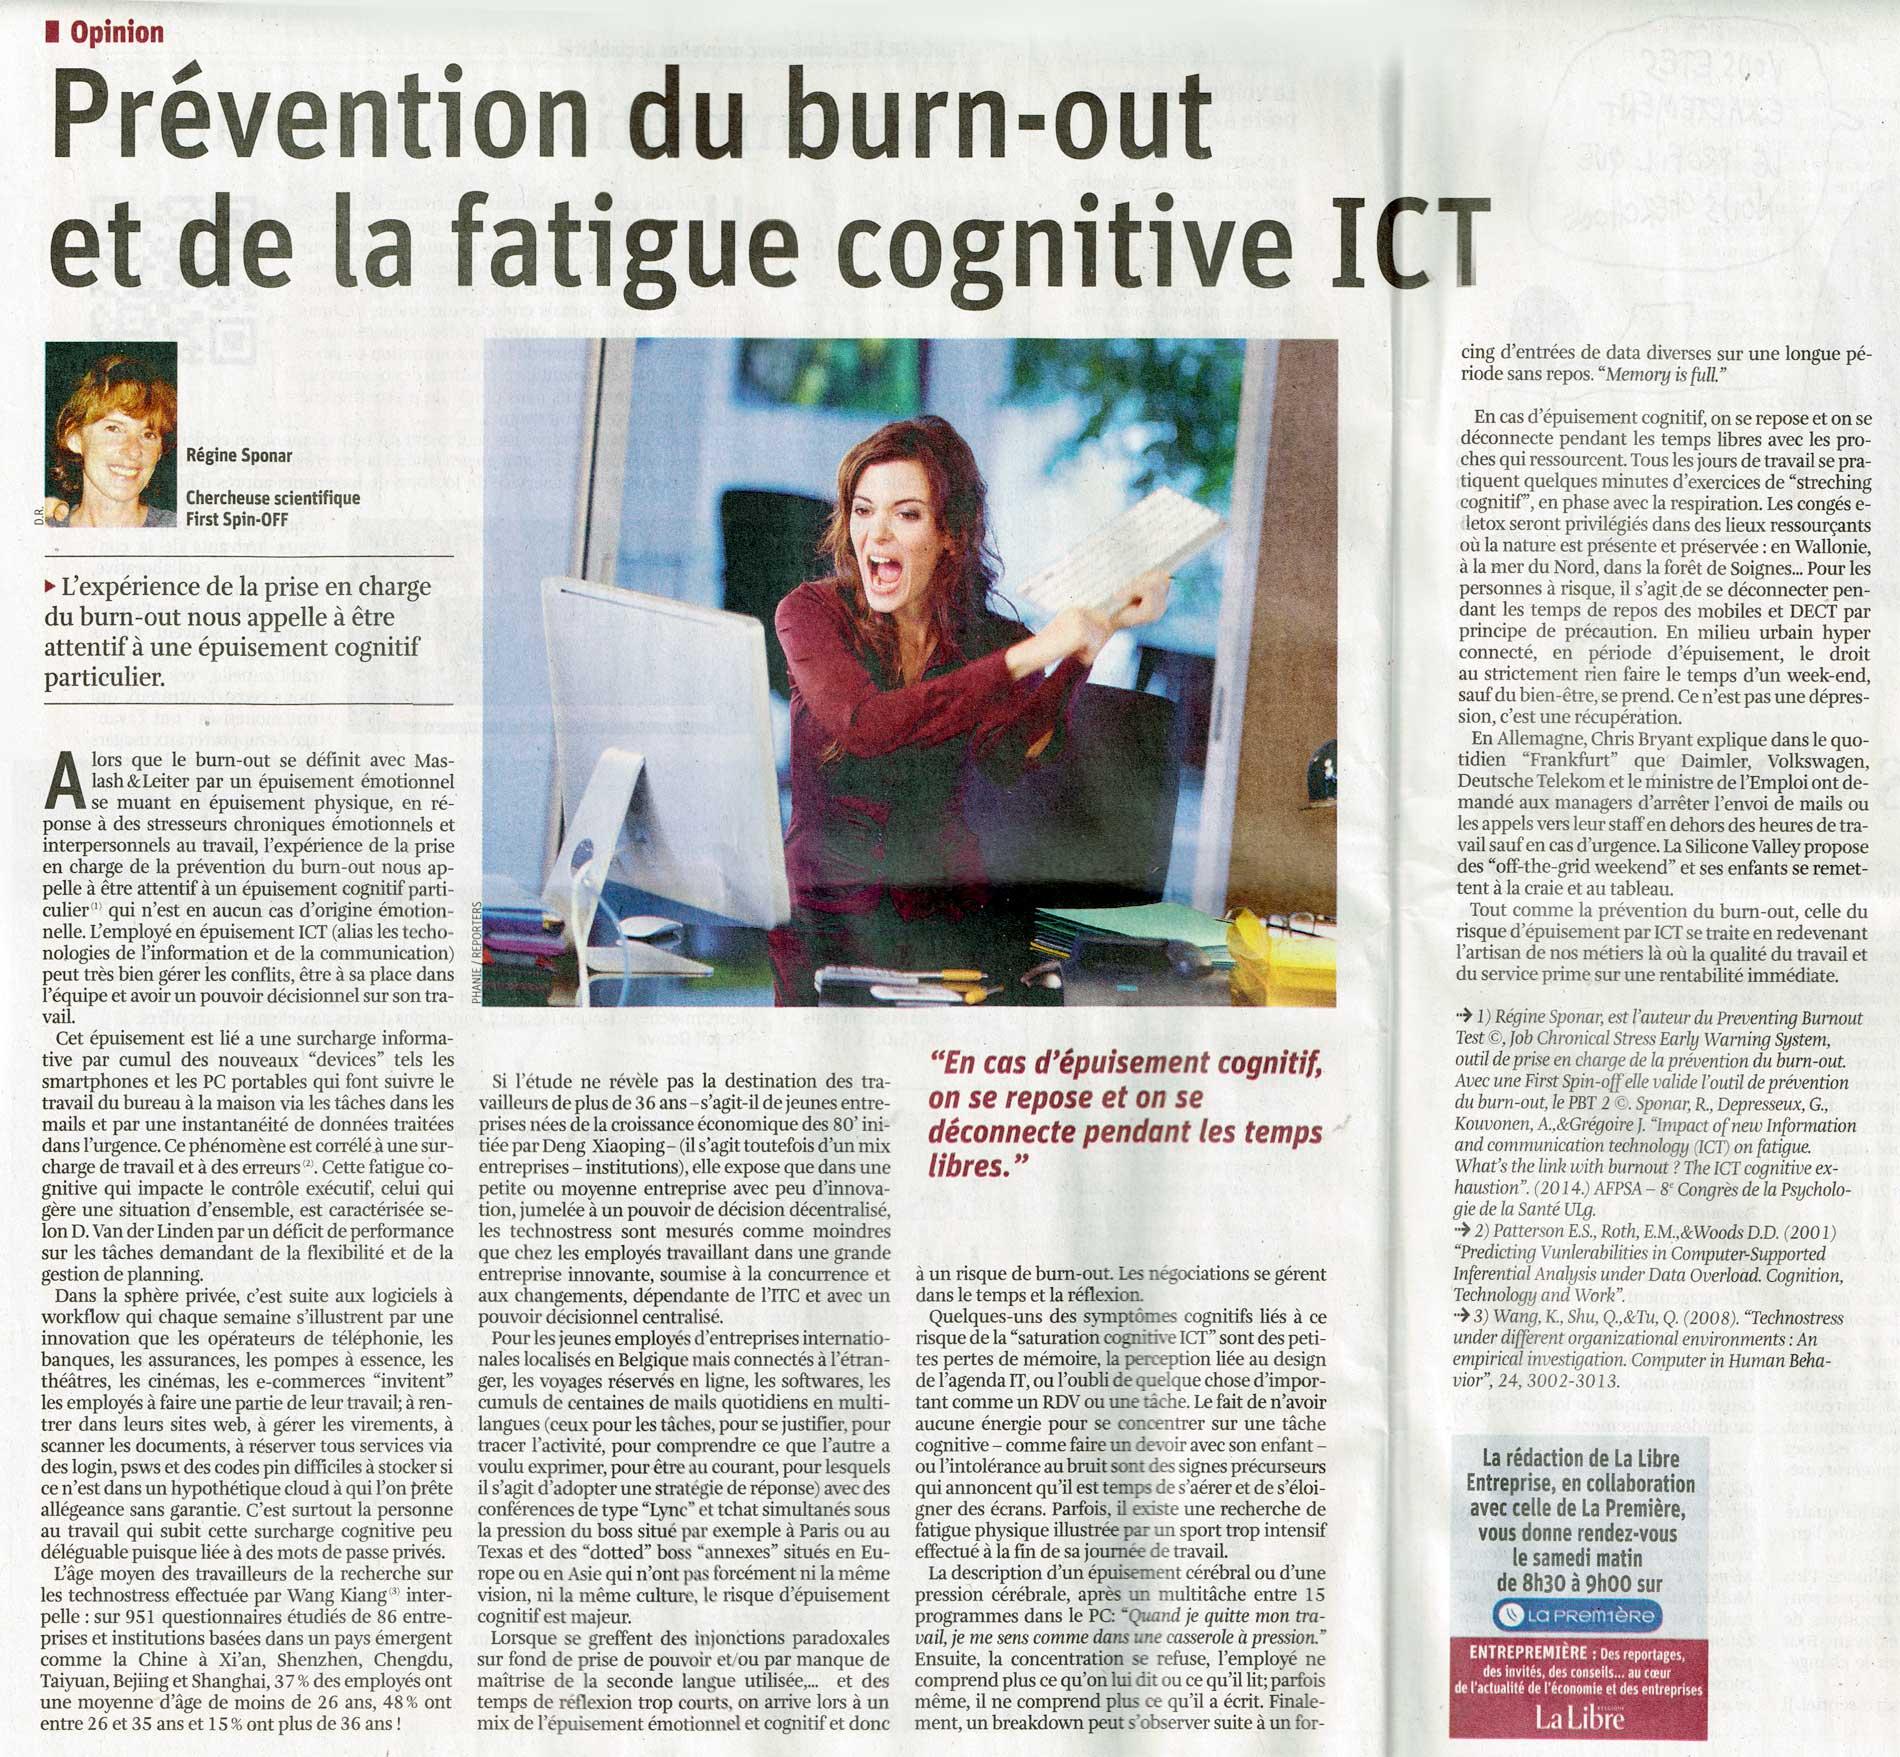 La Libre - Régine Sponar mesure la surcharge cognitive ICT